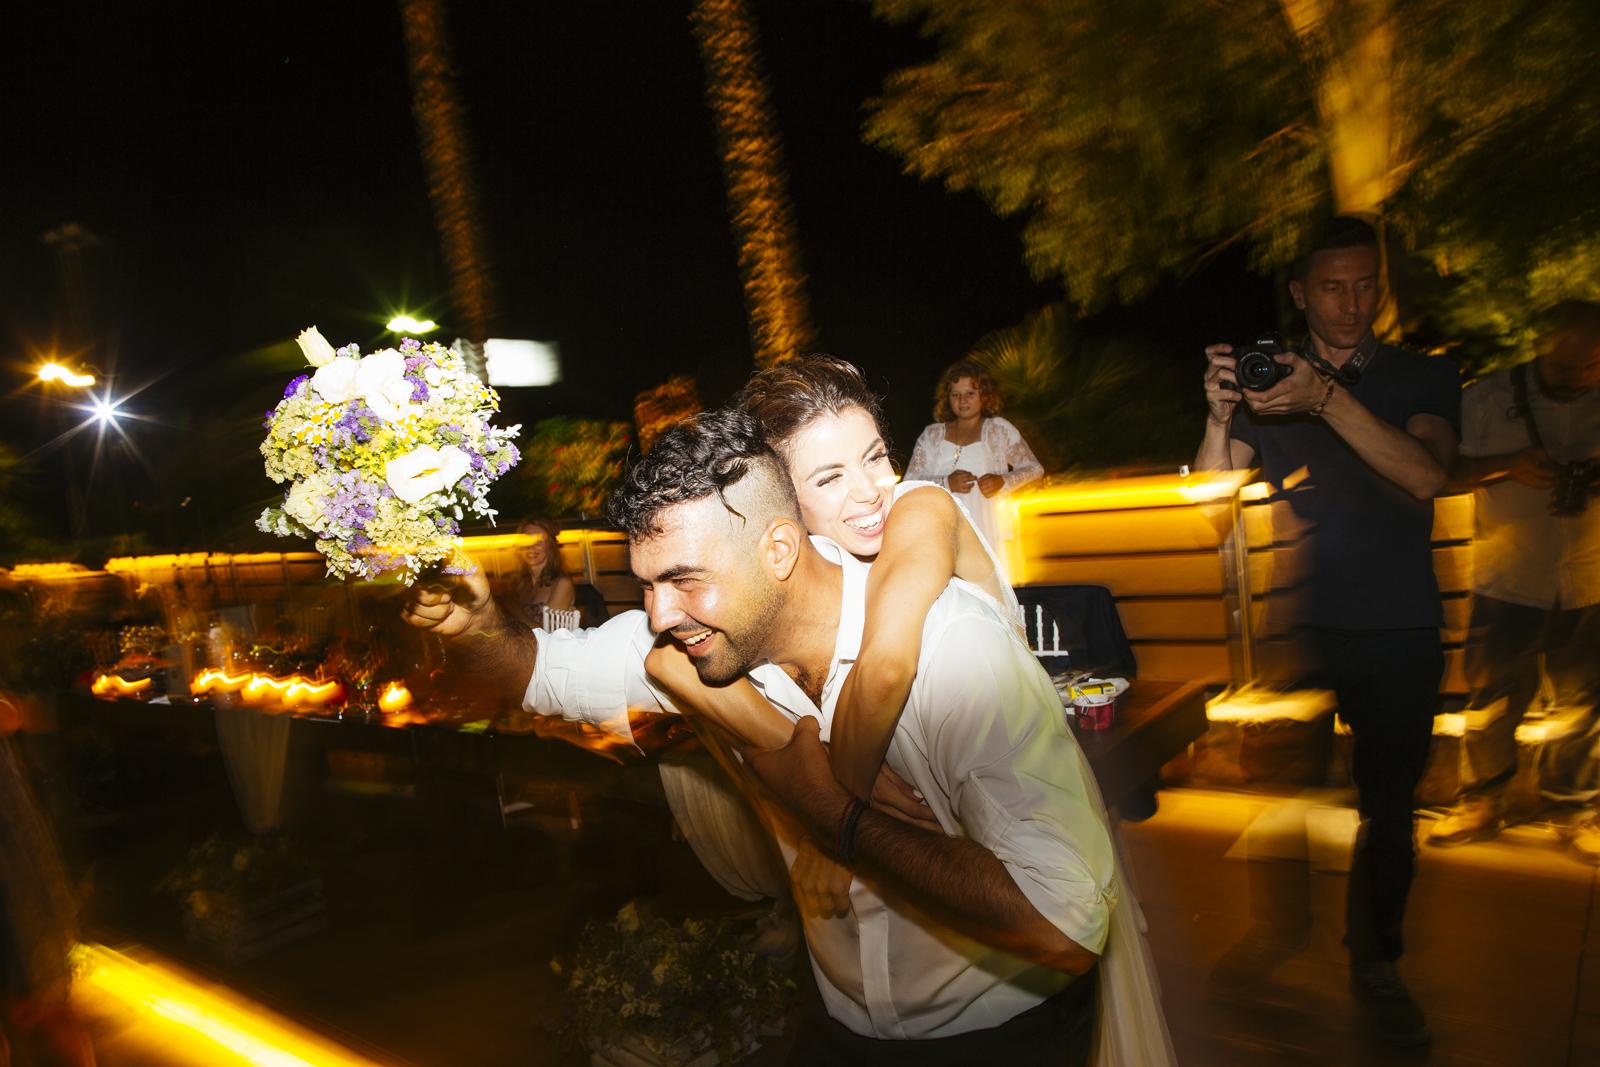 γαμος μονεμβασια φωτογραφιες (3).jpg